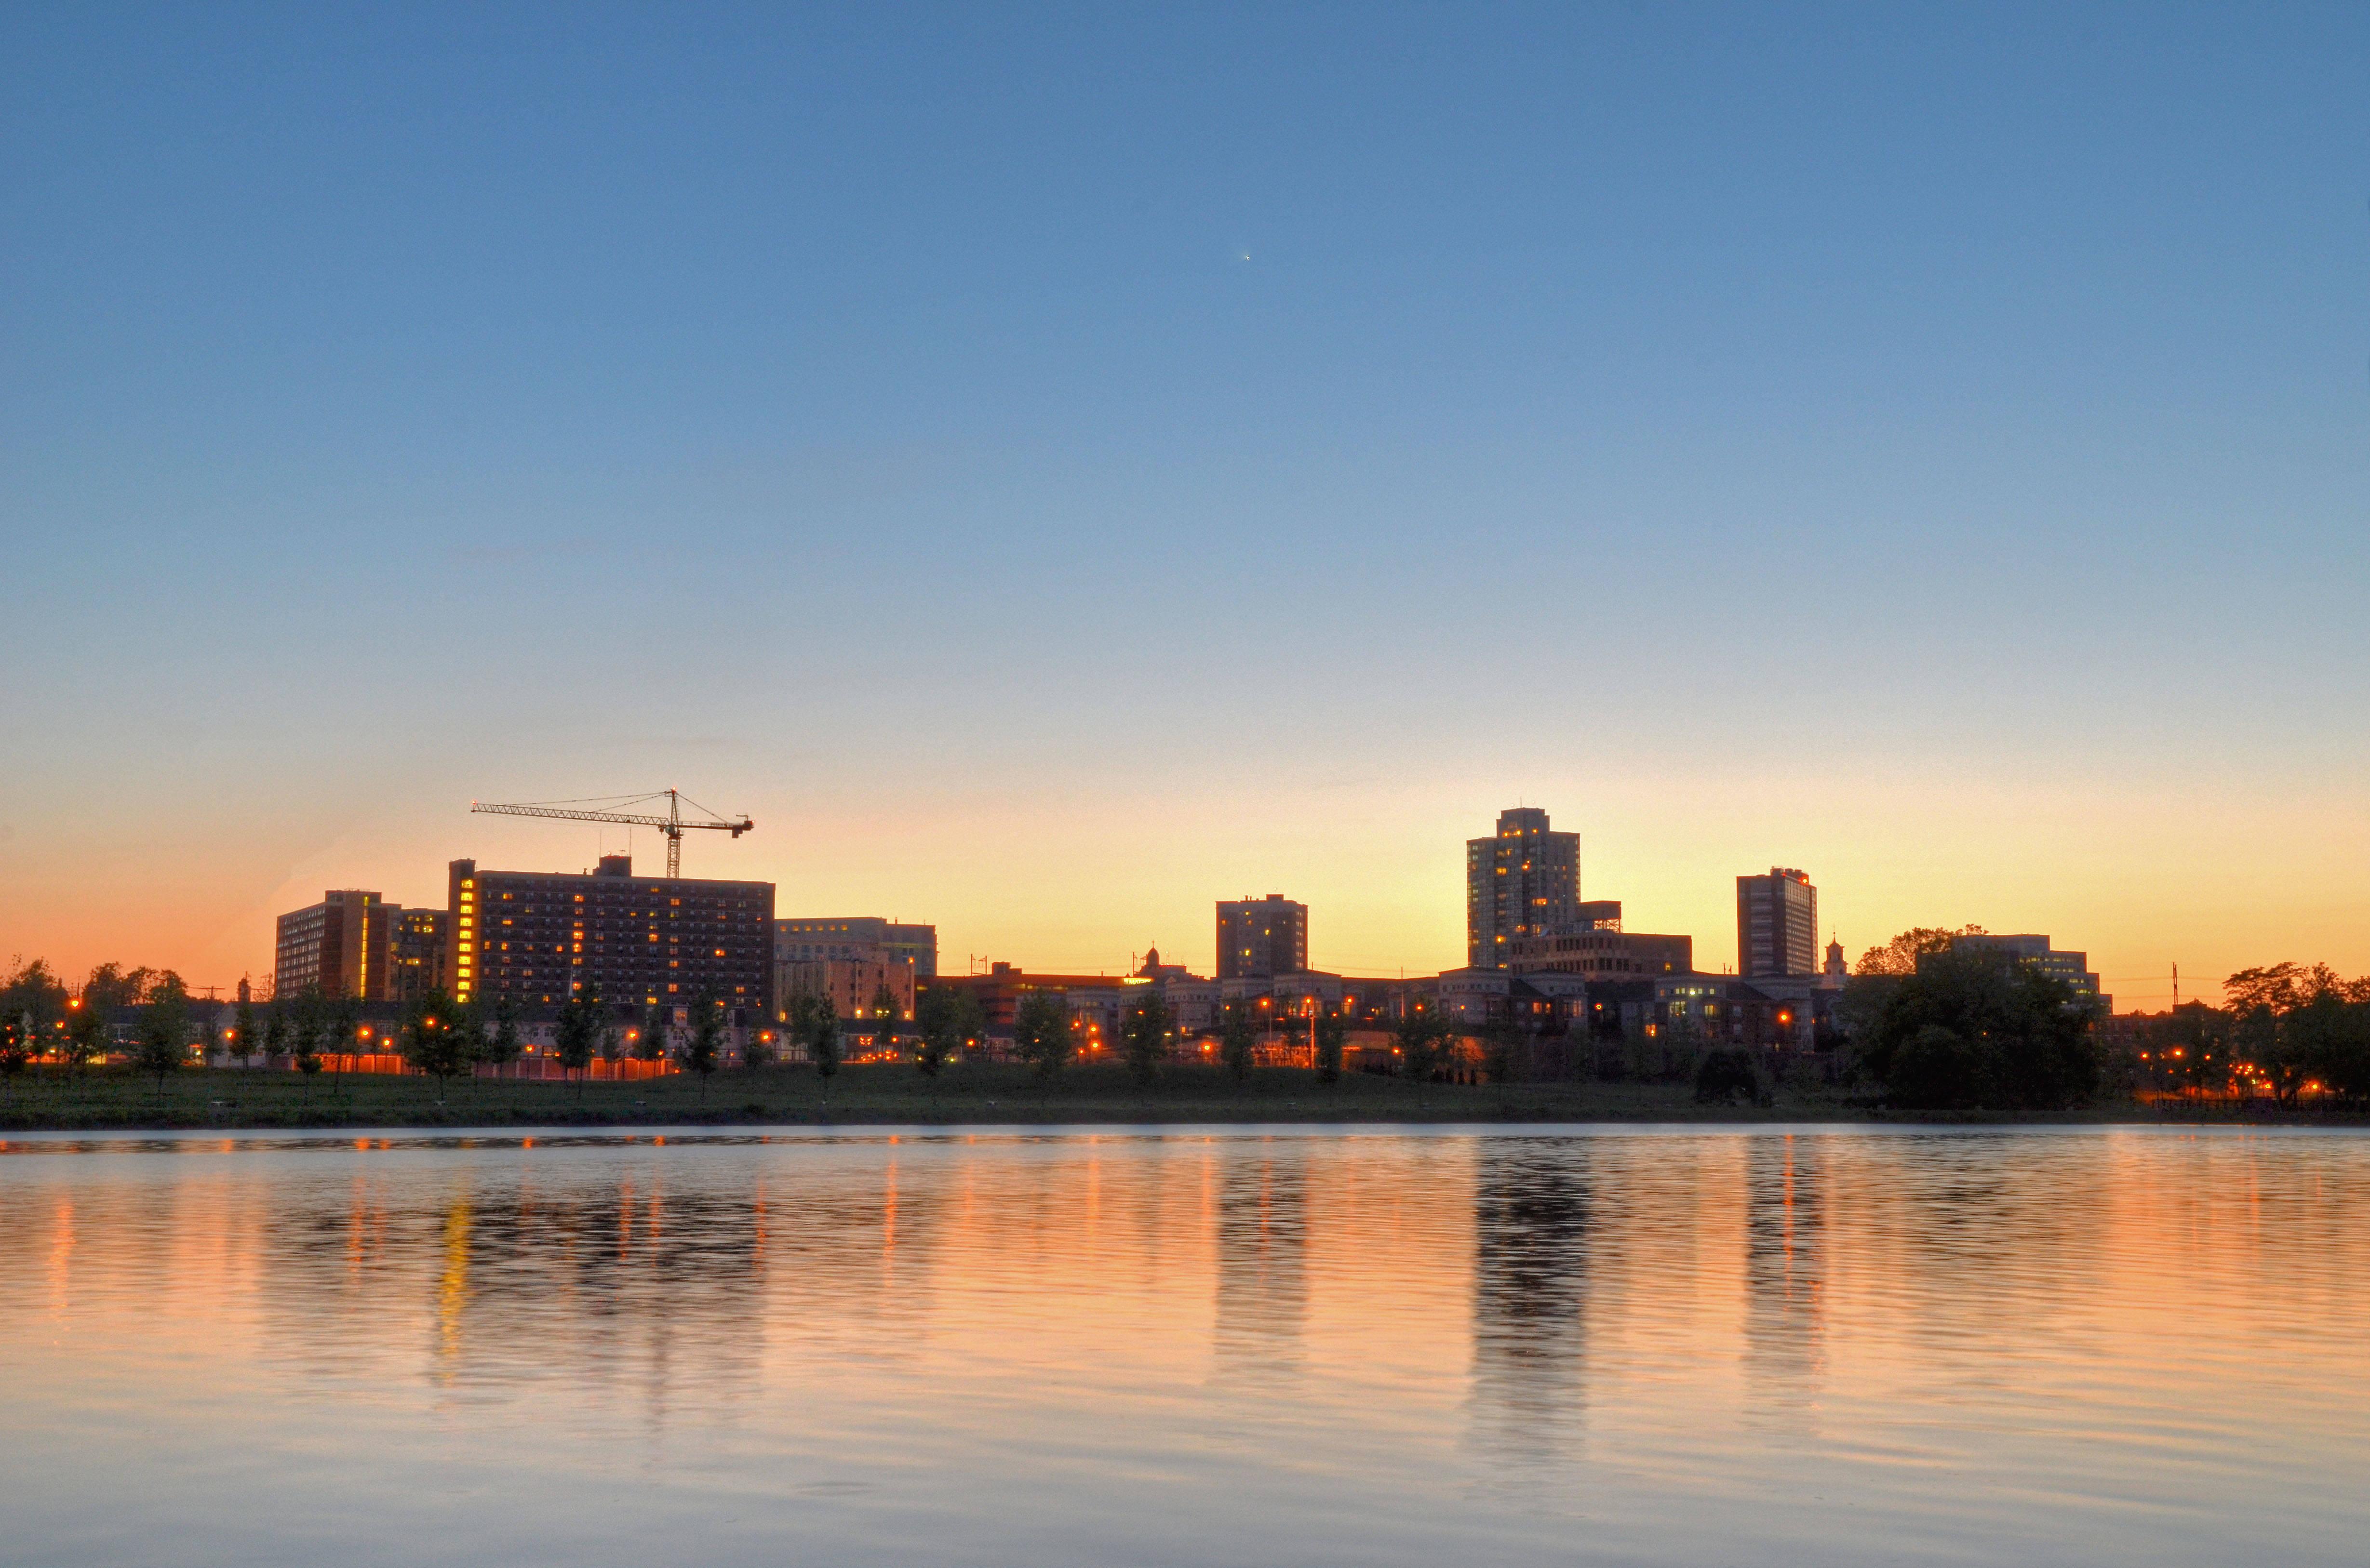 fa88f163ffcb6b61395d_New_Brunswick_NJ_Skyline_at_Sunset.jpg